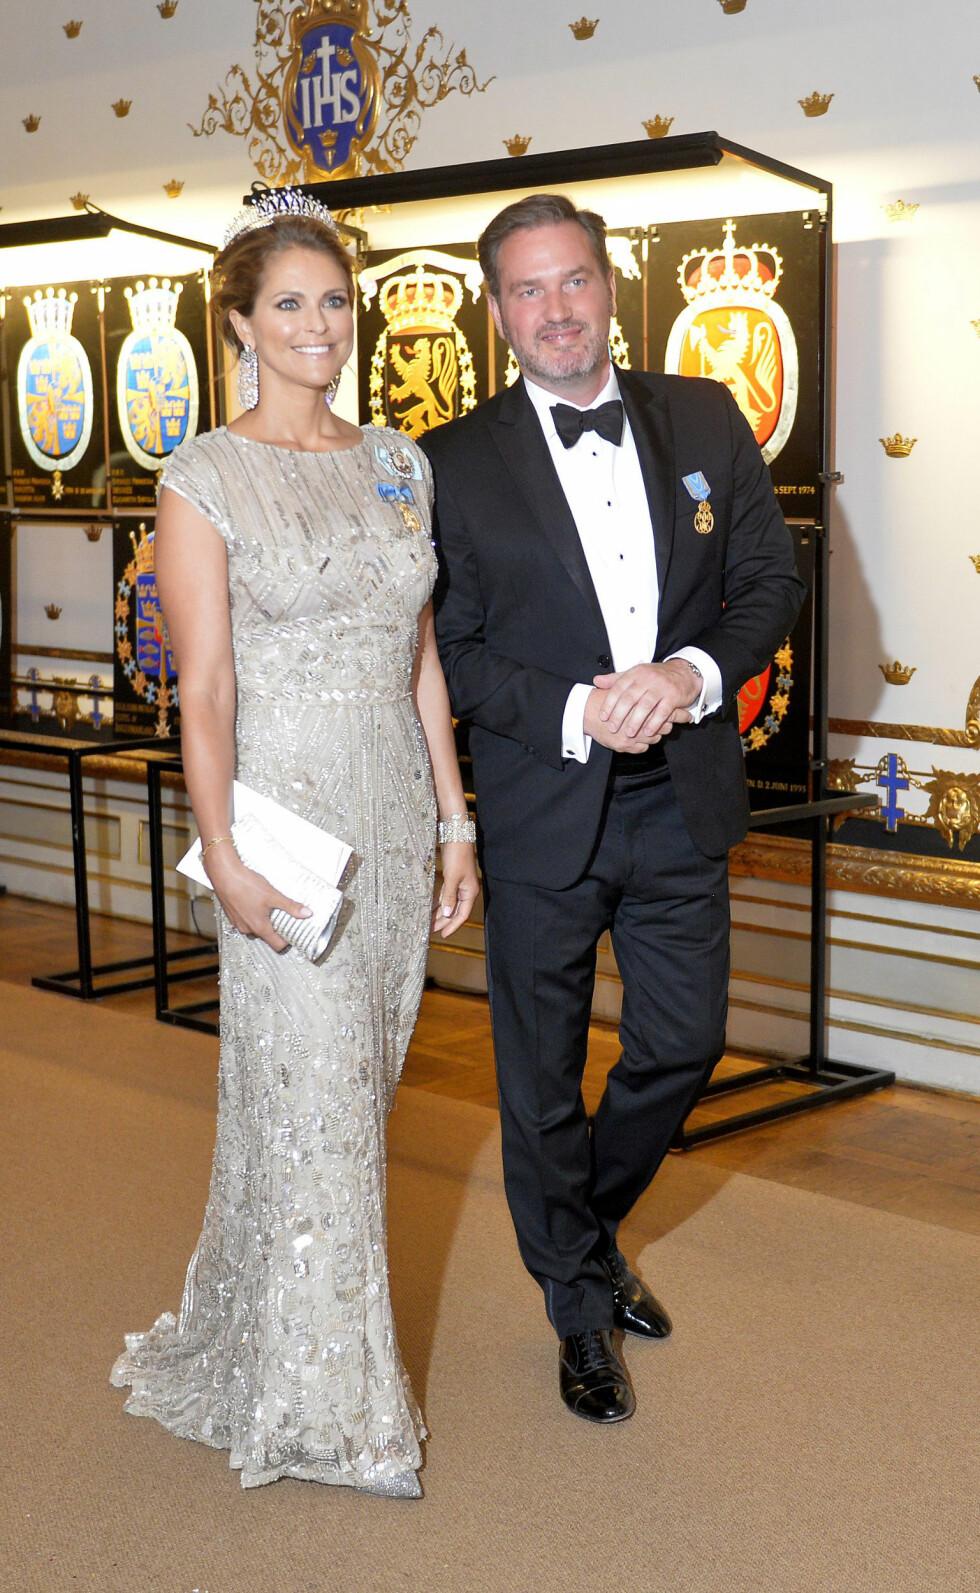 HELT NYDELIG: Det er ingen tvil om at prinsesse Madeleine ser helt fantastisk ut. Foto: Aftonbladet